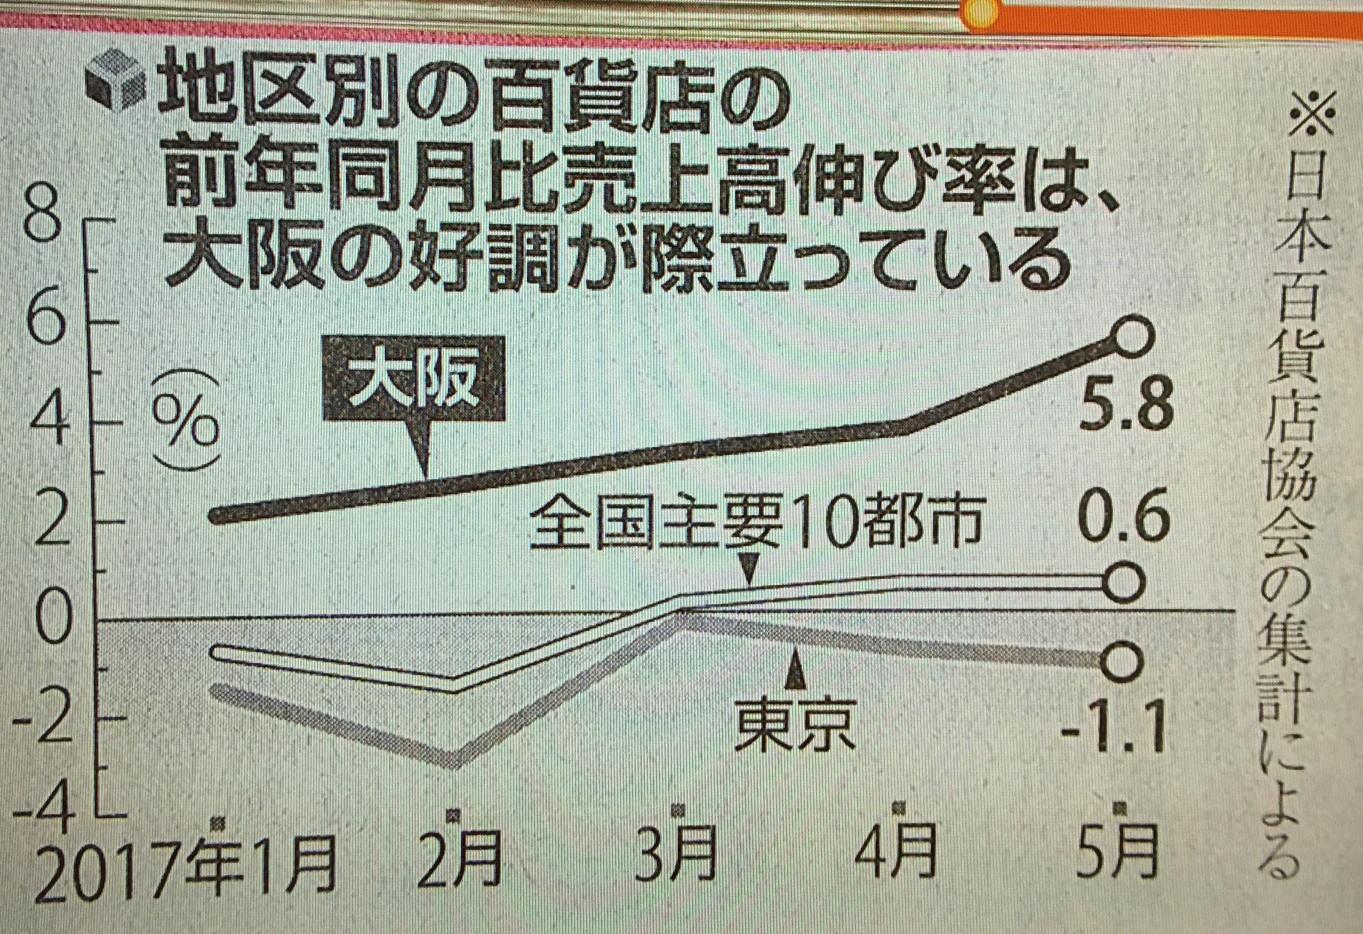 地区別で大阪の景気が向上